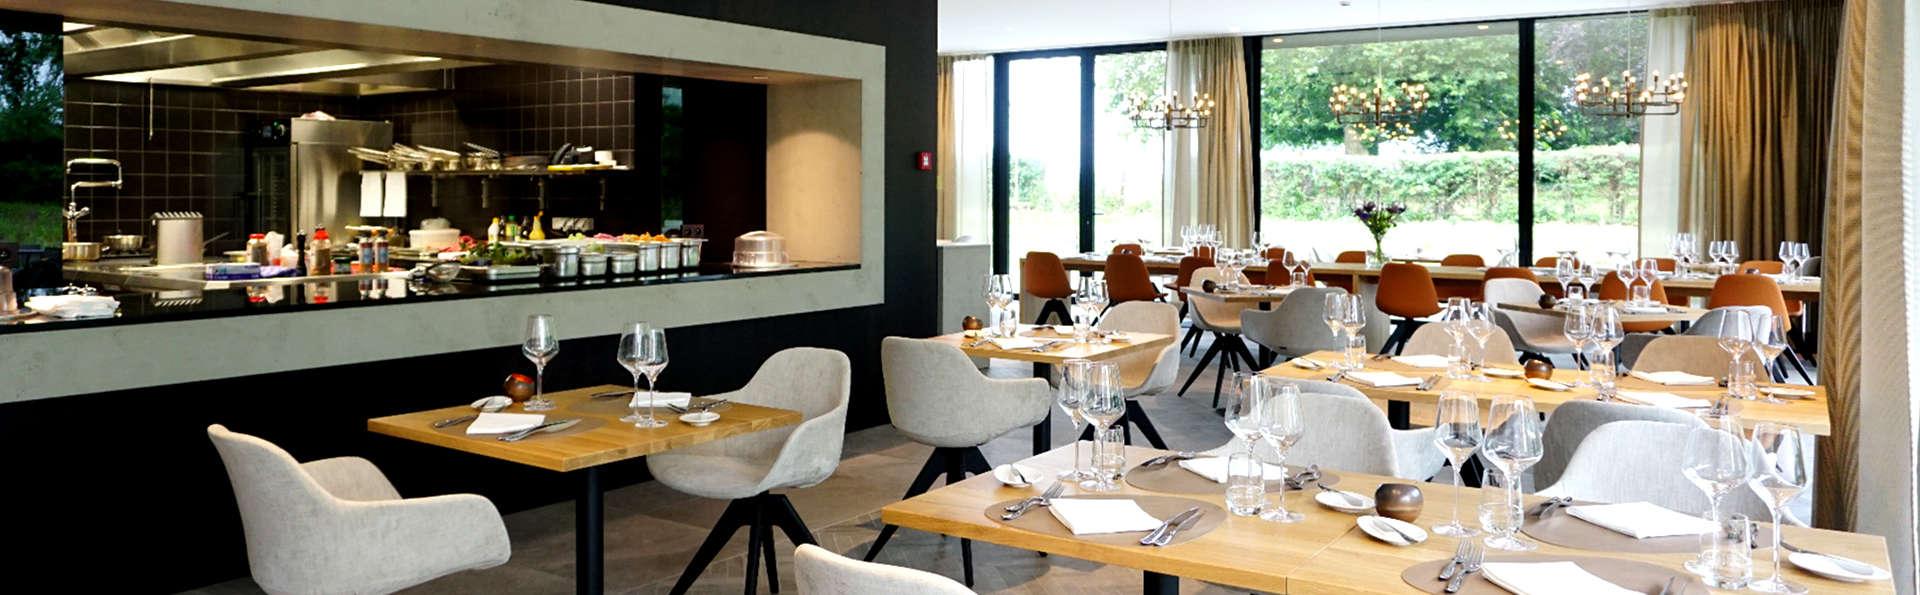 Détendez vous et dinez dans une brasserie charmante à Bilzen